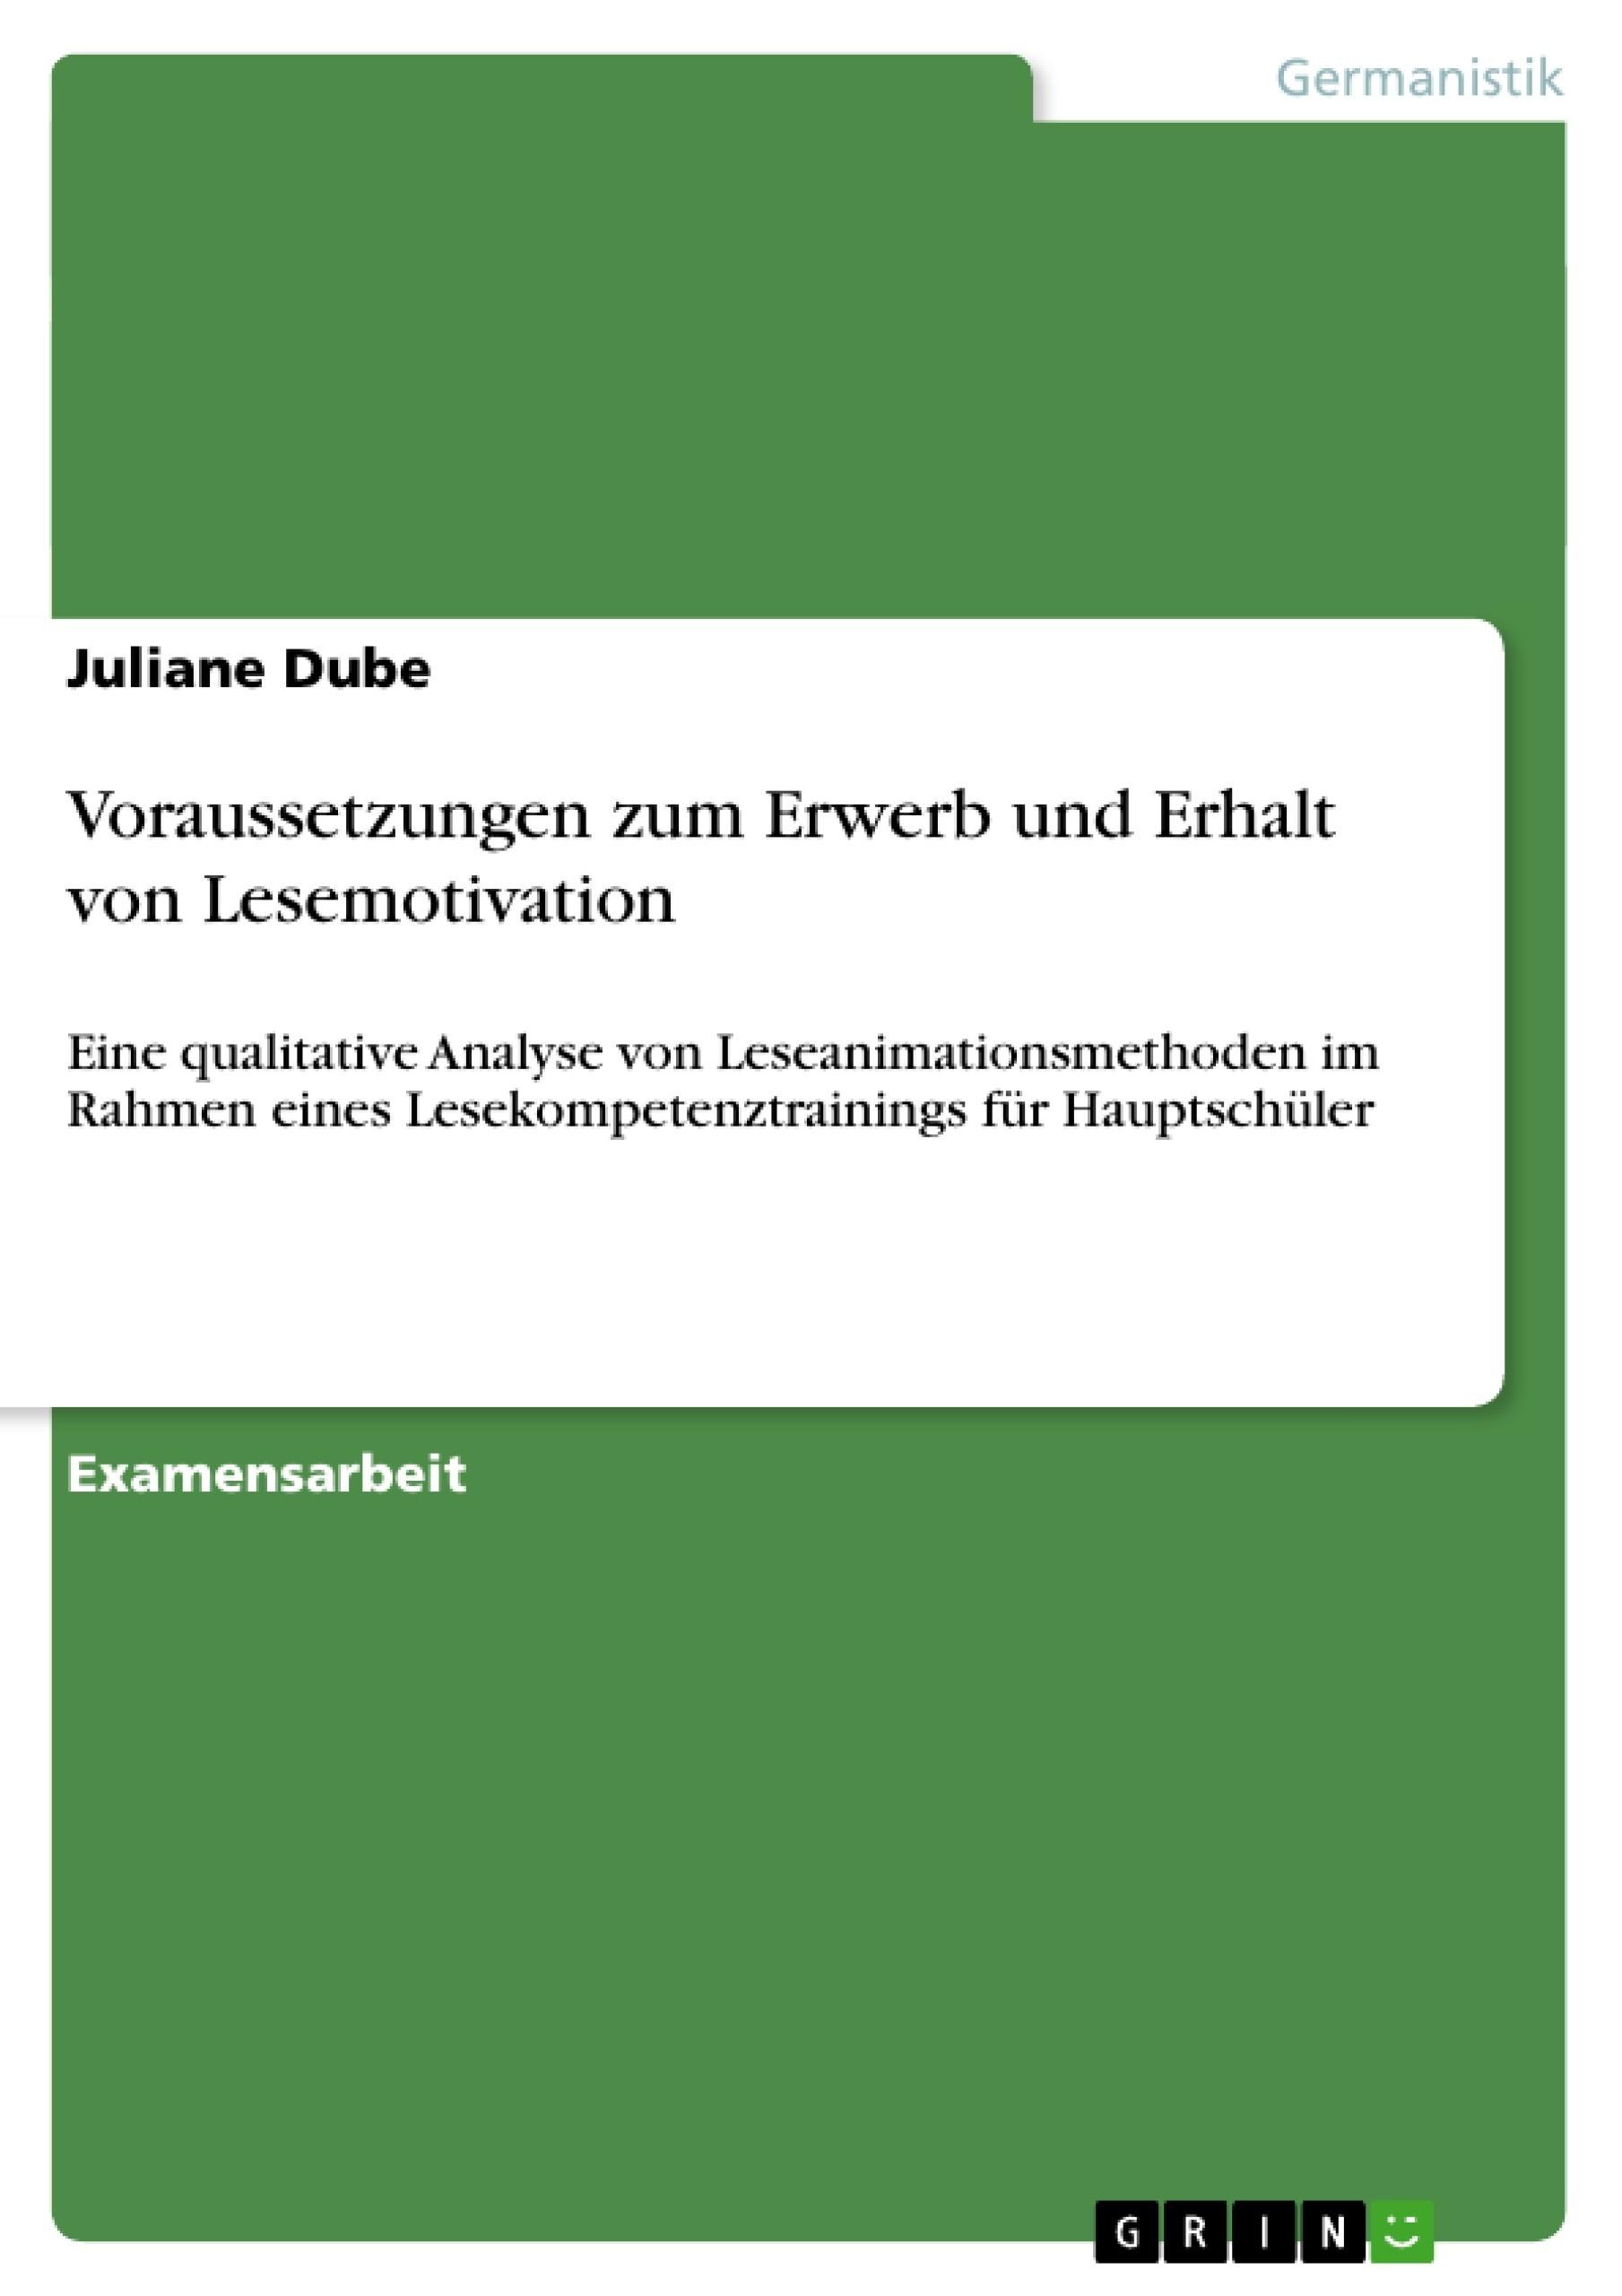 Titel: Voraussetzungen zum Erwerb und Erhalt von Lesemotivation